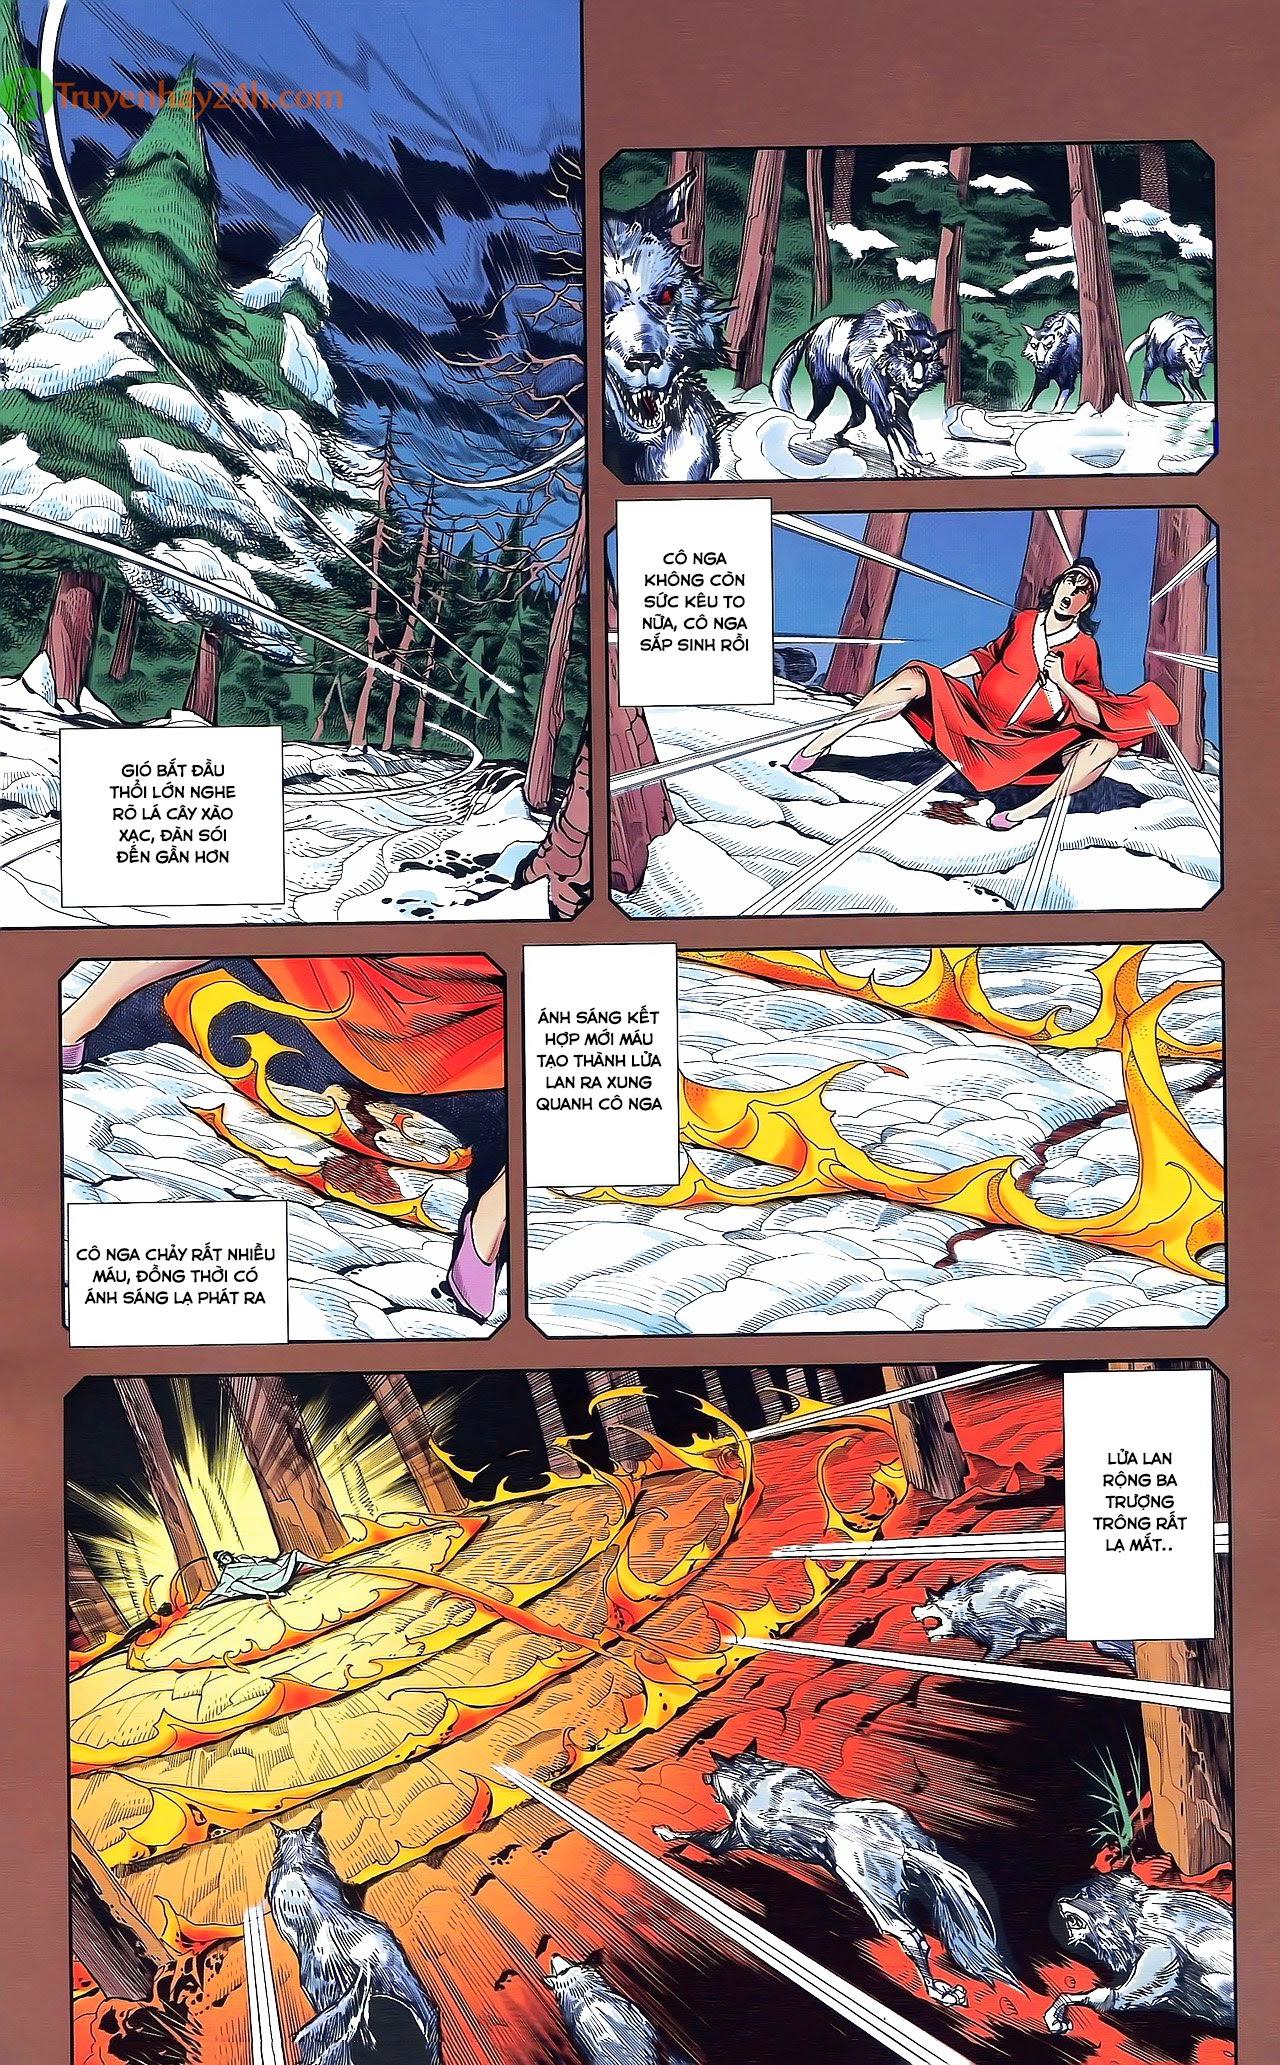 Tần Vương Doanh Chính chapter 29.2 trang 14